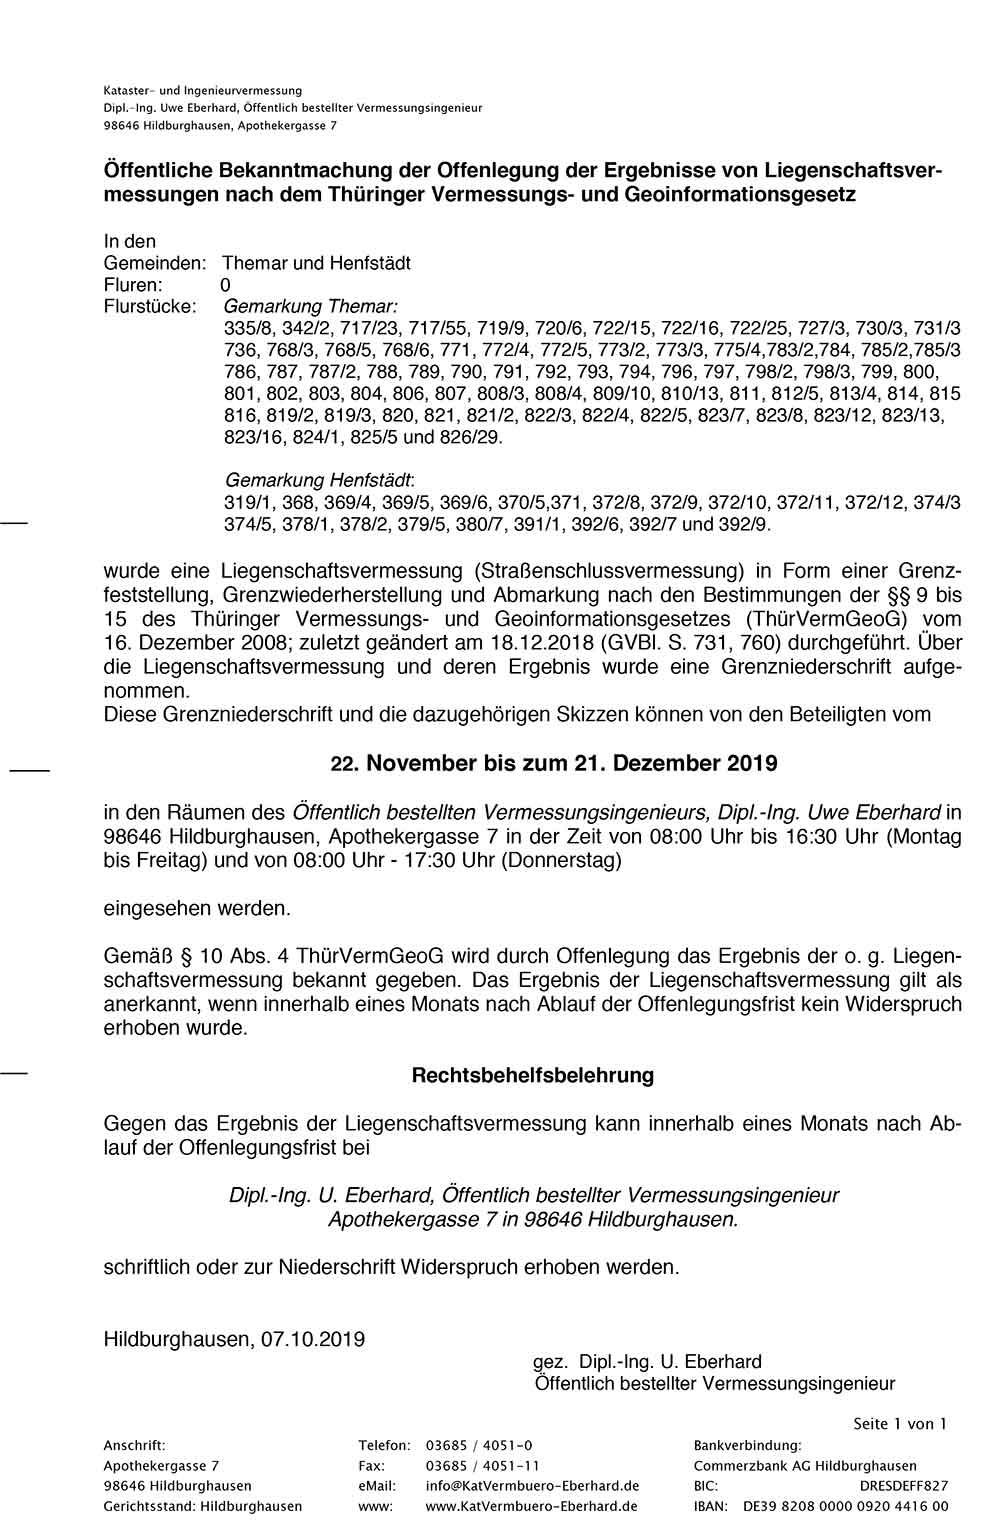 Bekanntmachung-Offenlegung-Themar-Henfstaedt-SSV